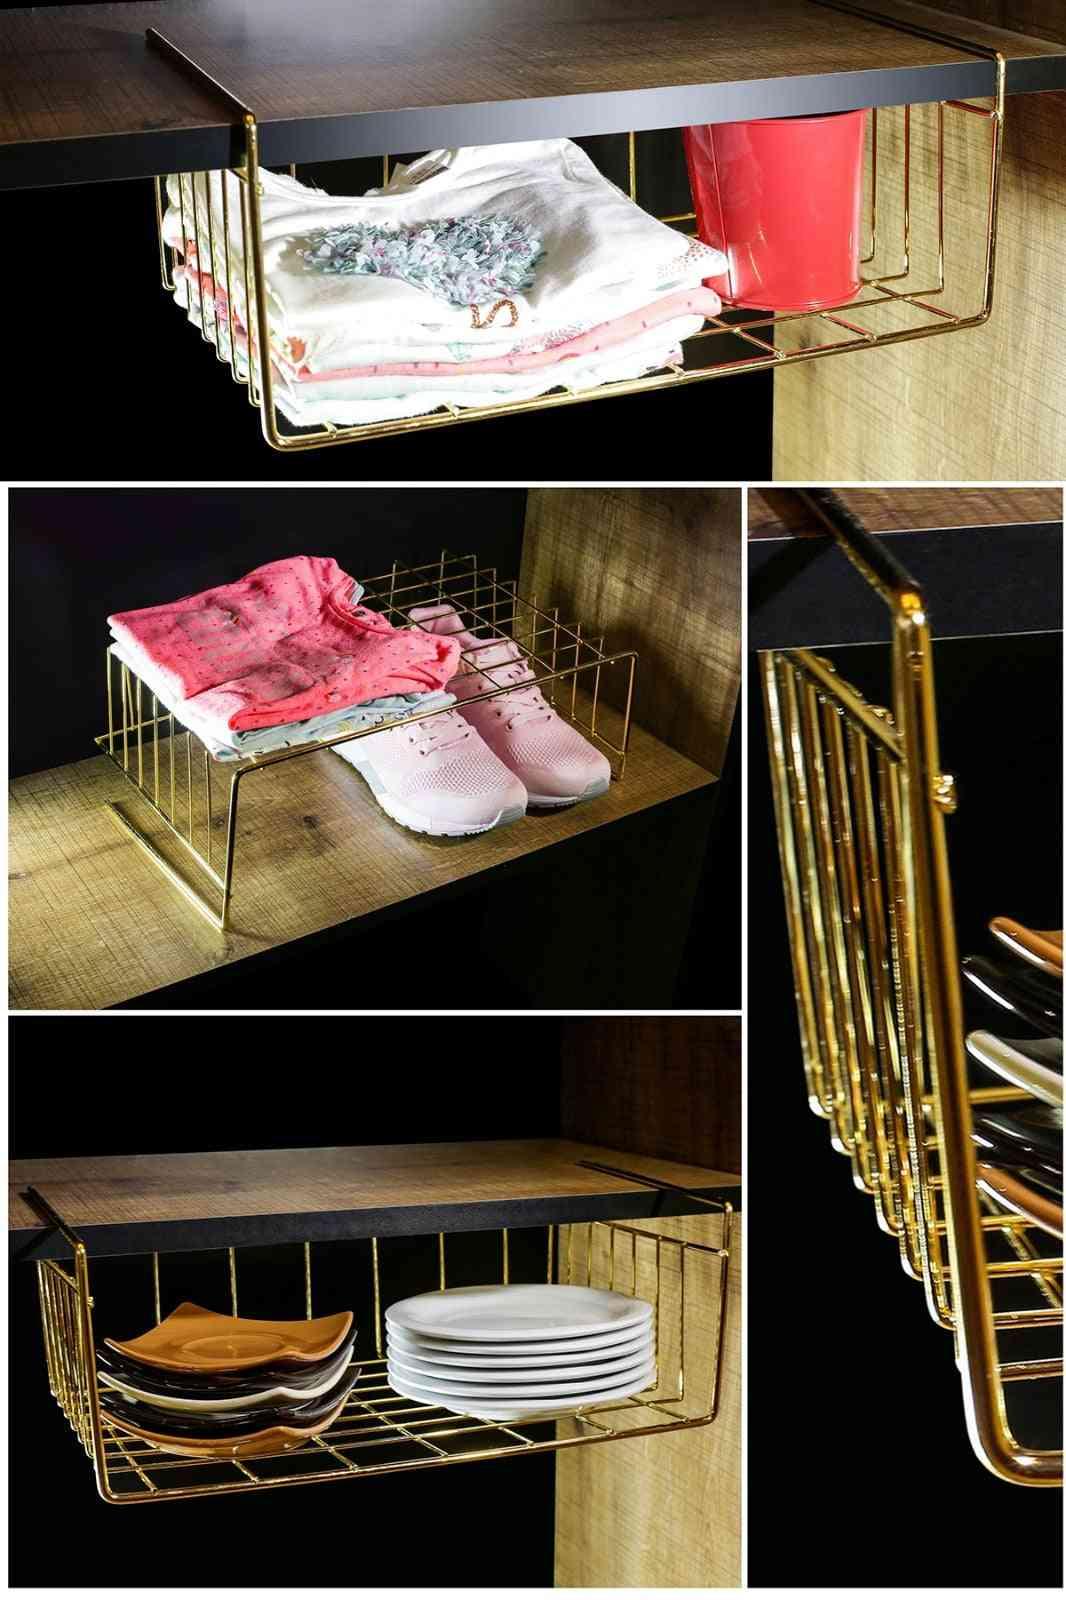 Bottom Hanger Kangaroo Shelf Basket Gold Plated Metal Hanging Organizer For Kitchen Cabinet